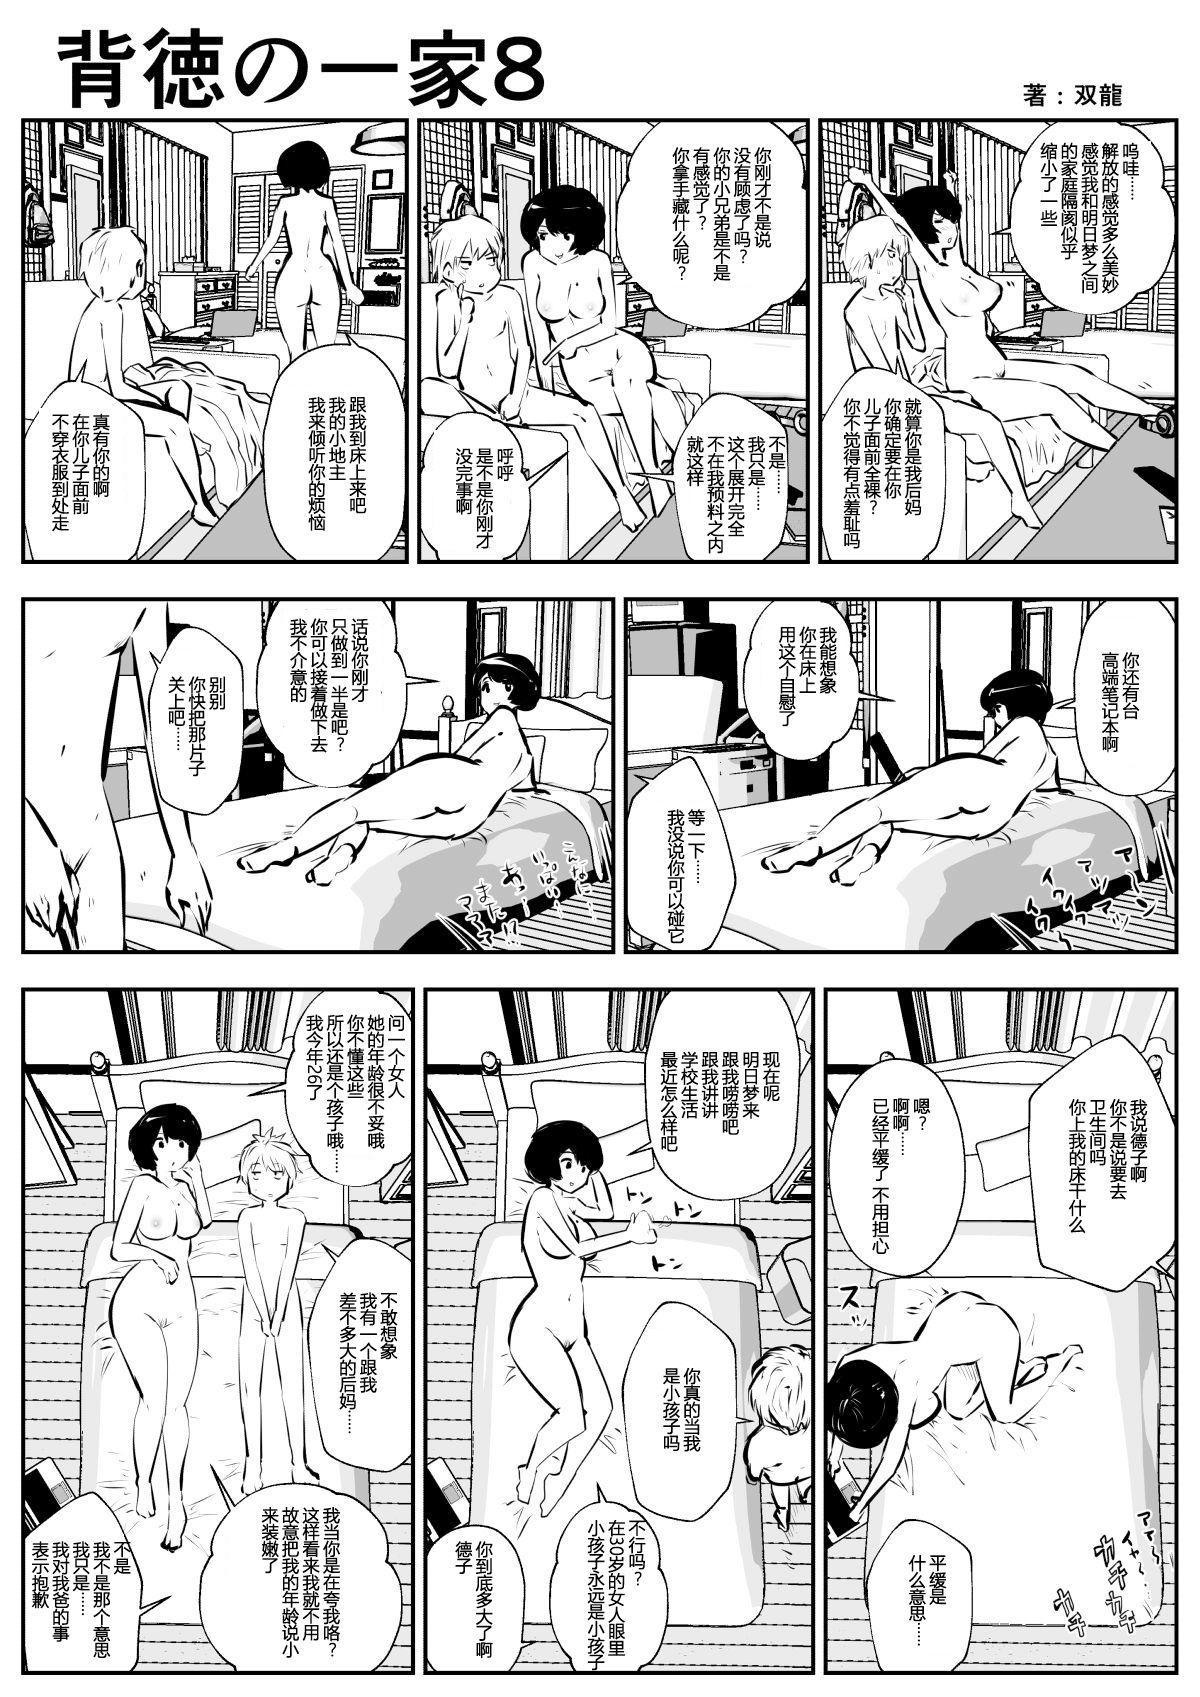 Haitoku no Ikka背德的一家 1-14 8